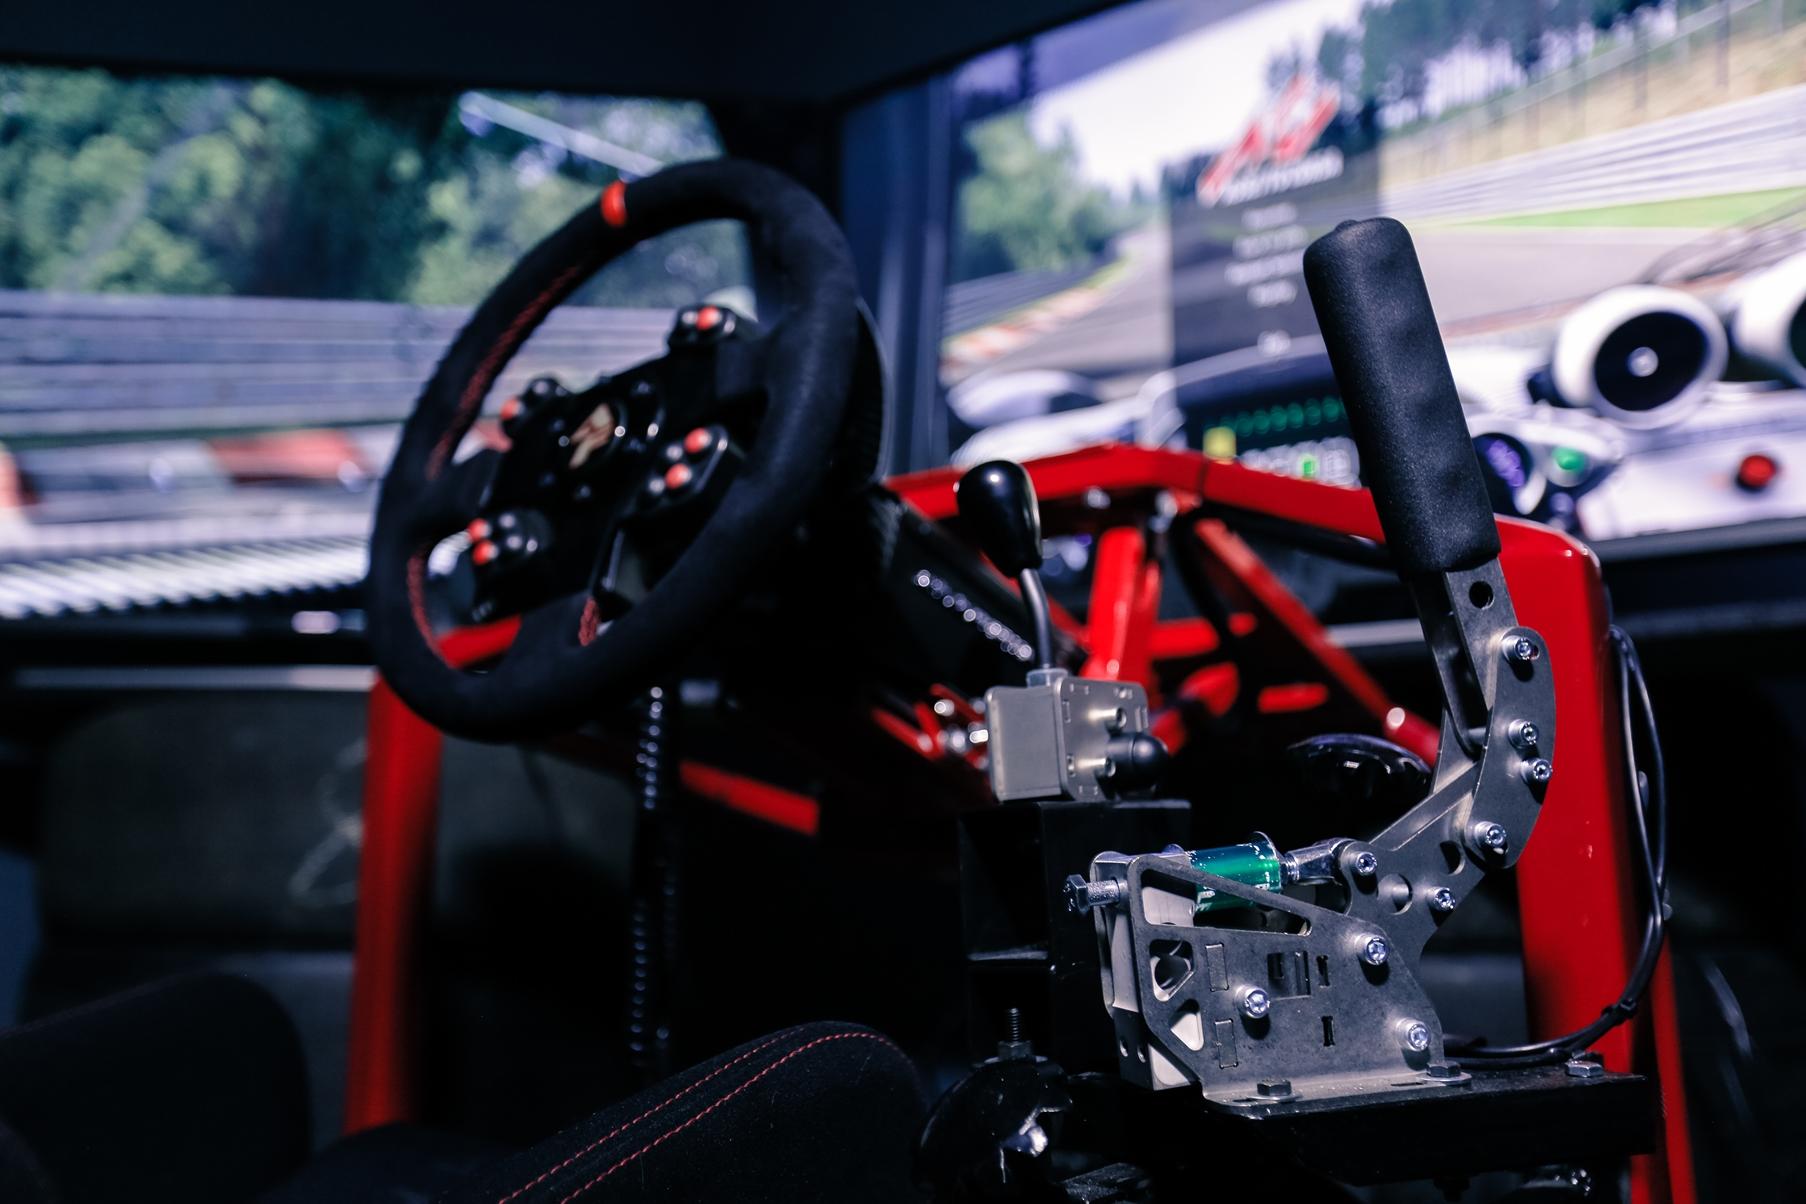 гоночный автосимулятор, автосимулятор, top level racing simulator, автосимулятор Киев, реалистичный автосимулятор Киев, симулятор для тренировок Киев